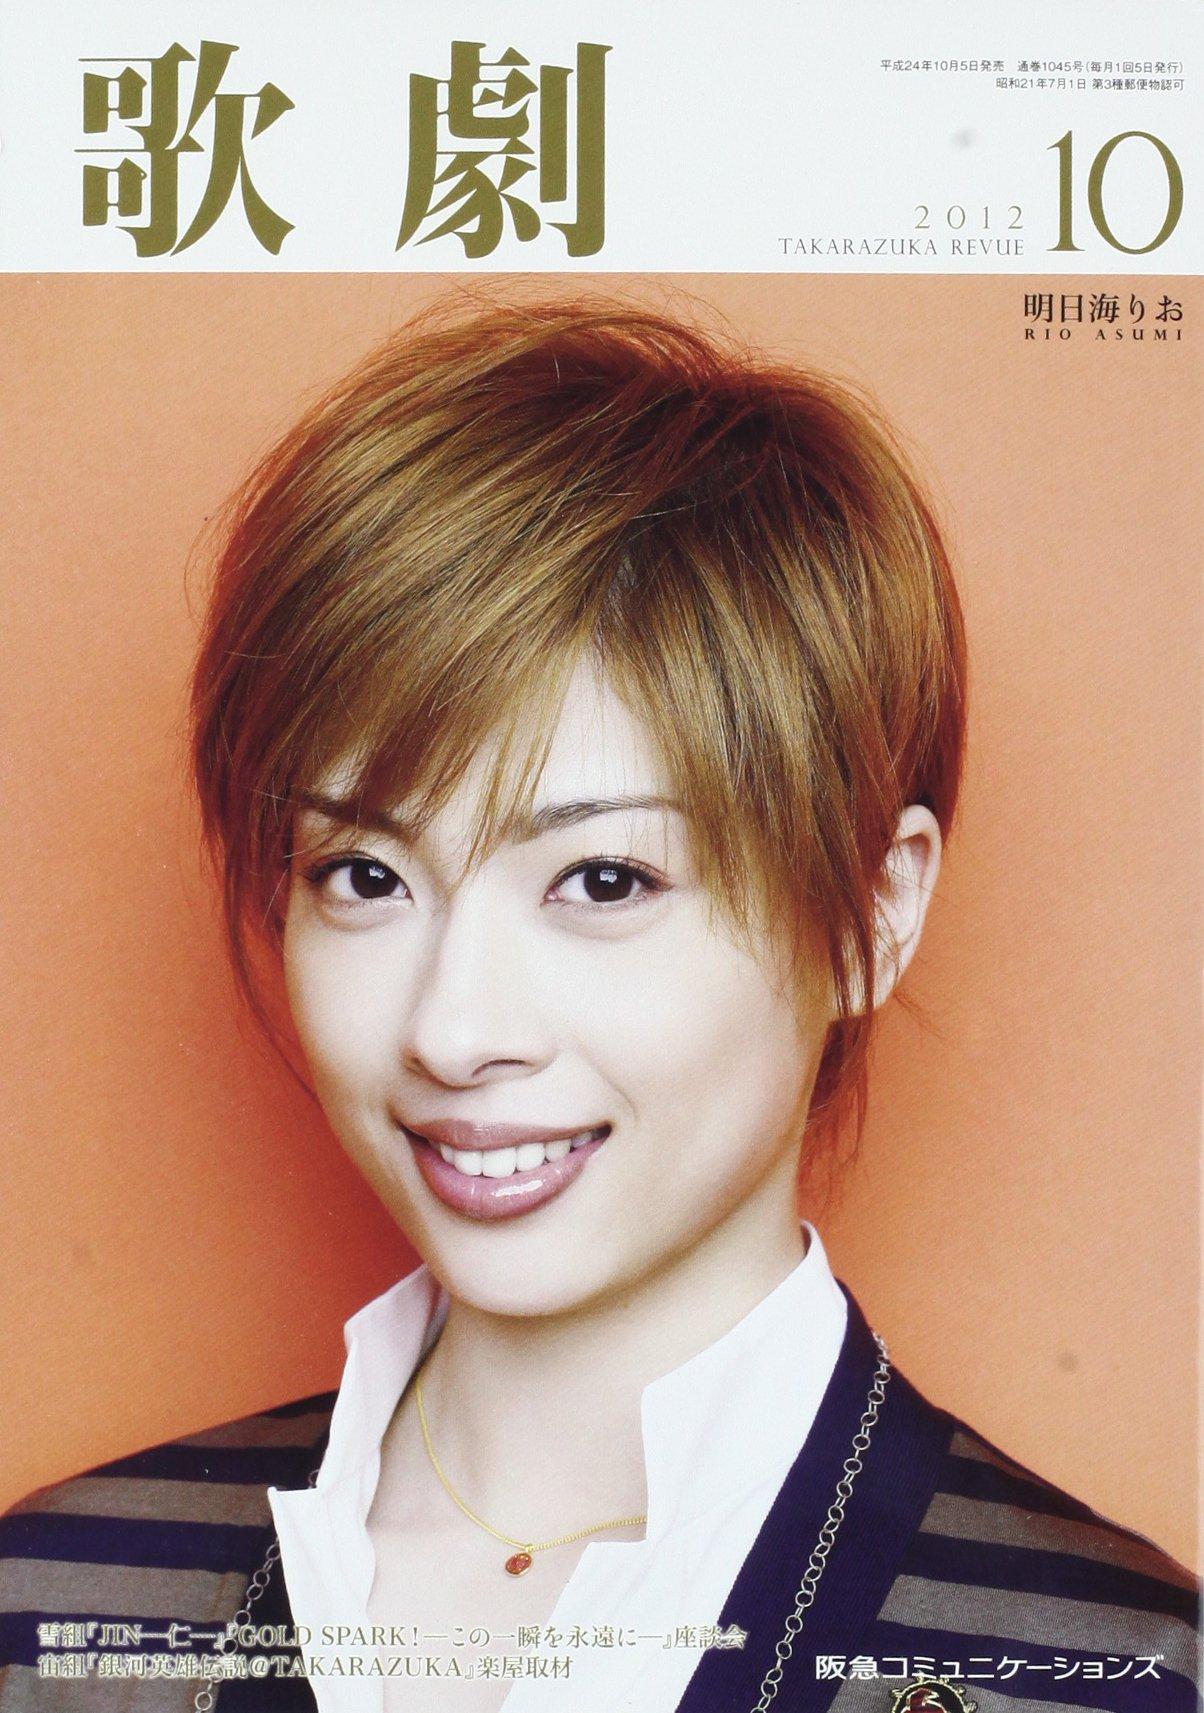 歌劇 2012年10月号 雪組『JIN 仁』『GOLD SPARK! この一瞬を永遠に』座談会、他